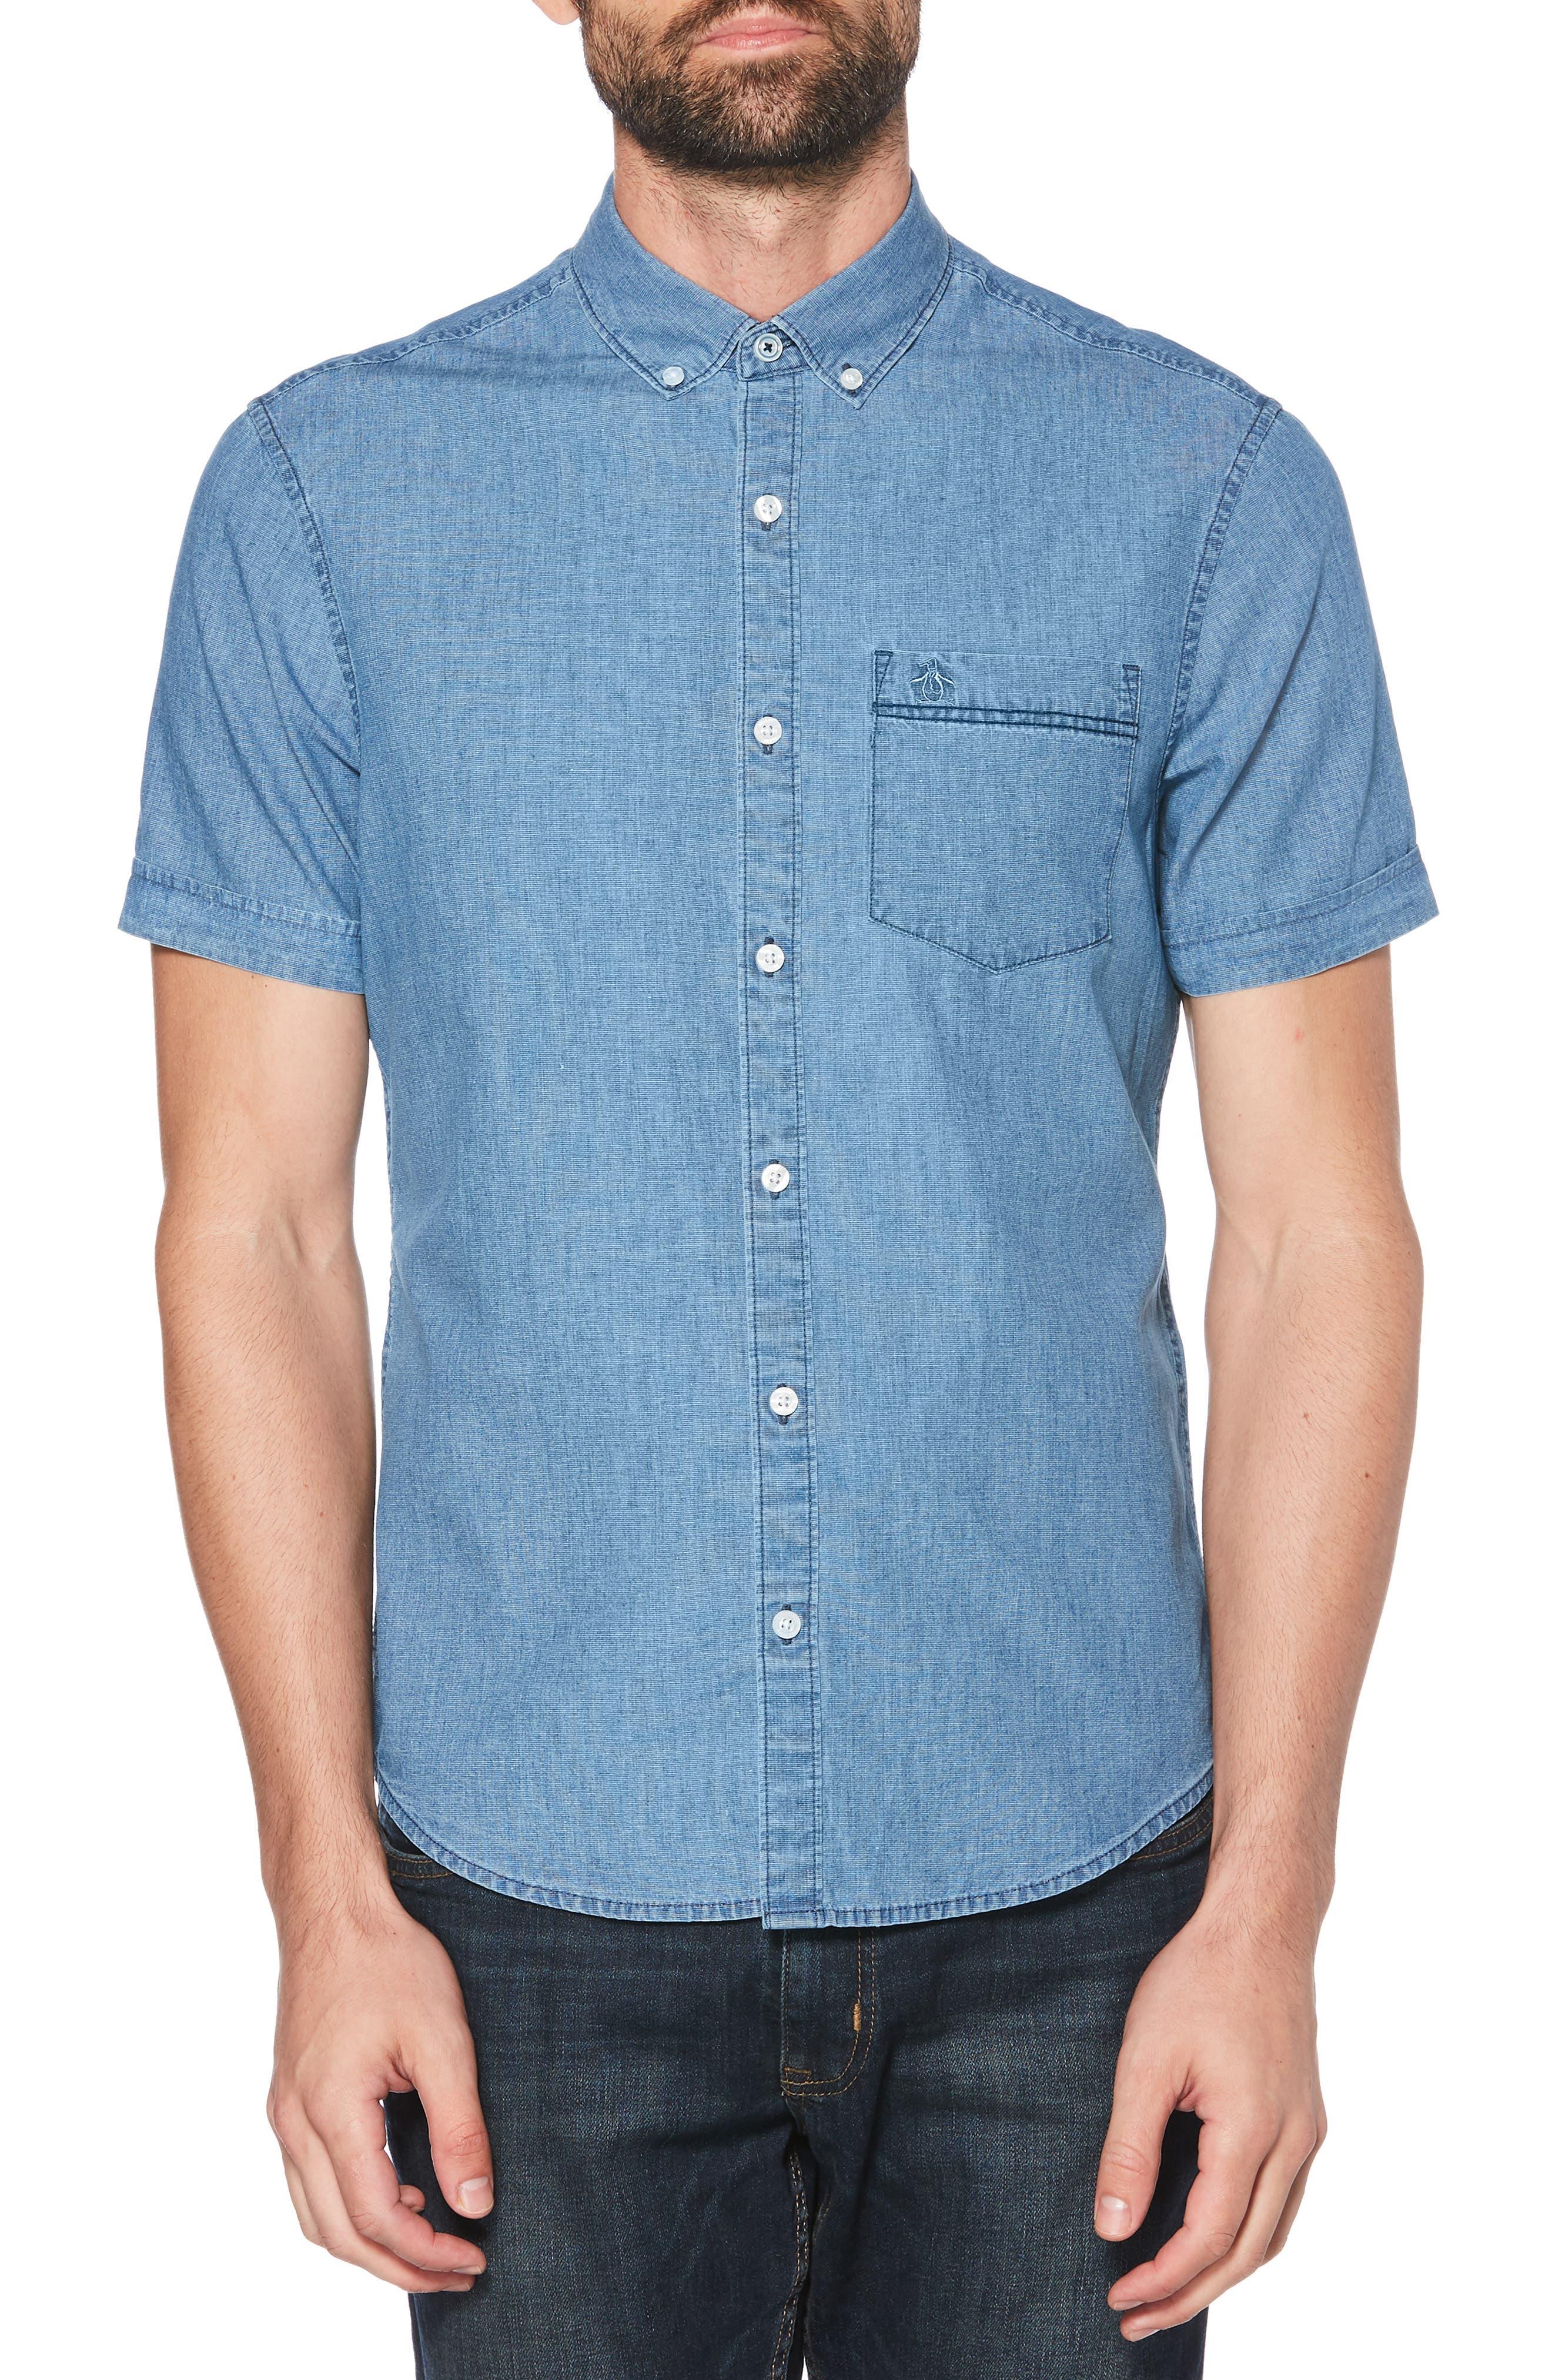 ORIGINAL PENGUIN, Pinpoint Slim Fit Chambray Shirt, Main thumbnail 1, color, 489